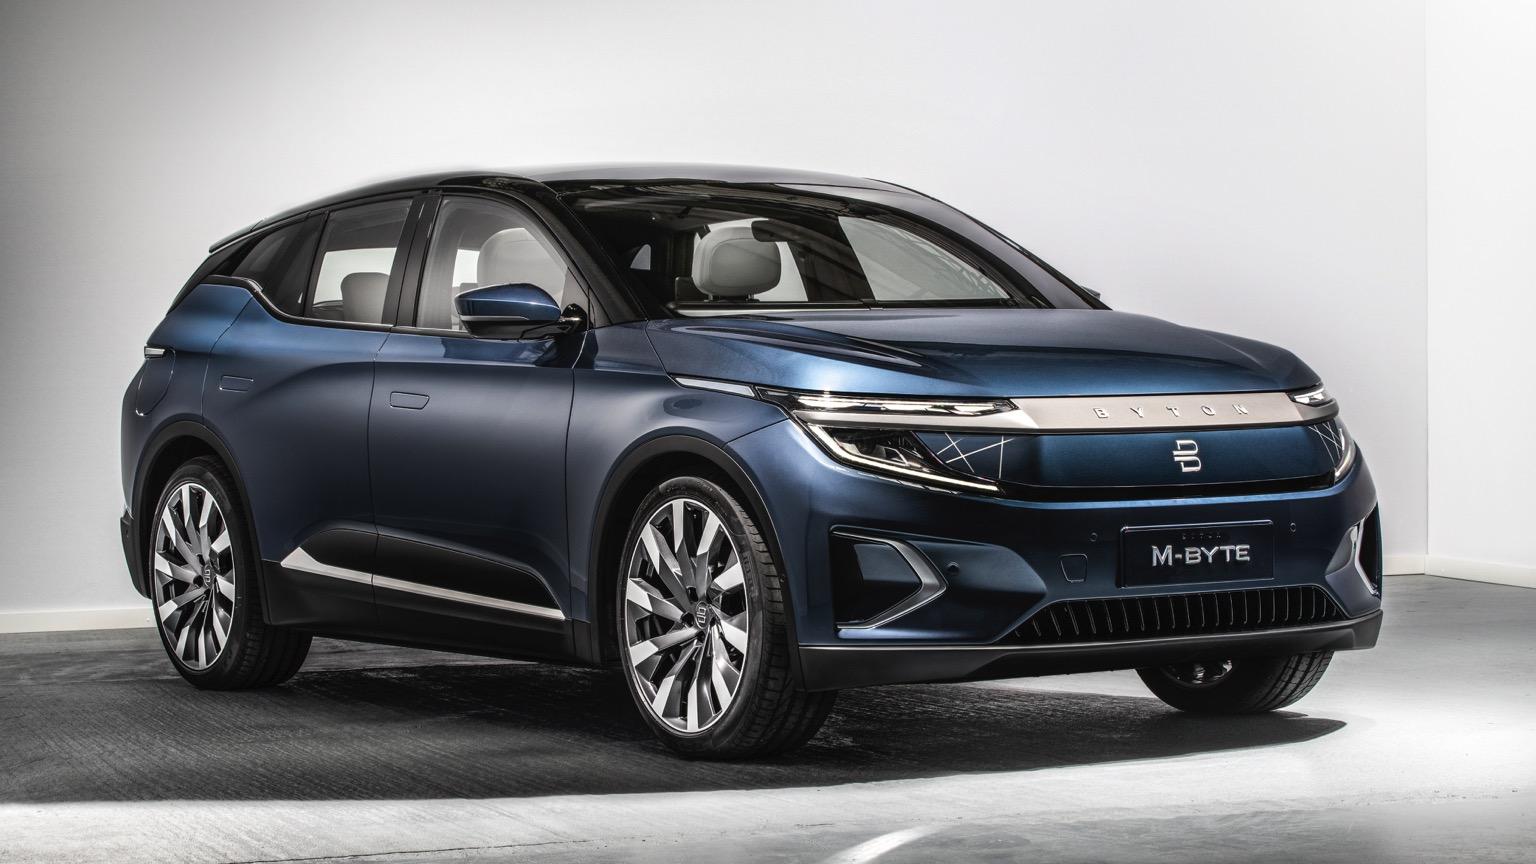 Byton M-Byte 95 kWh 4WD (2021)